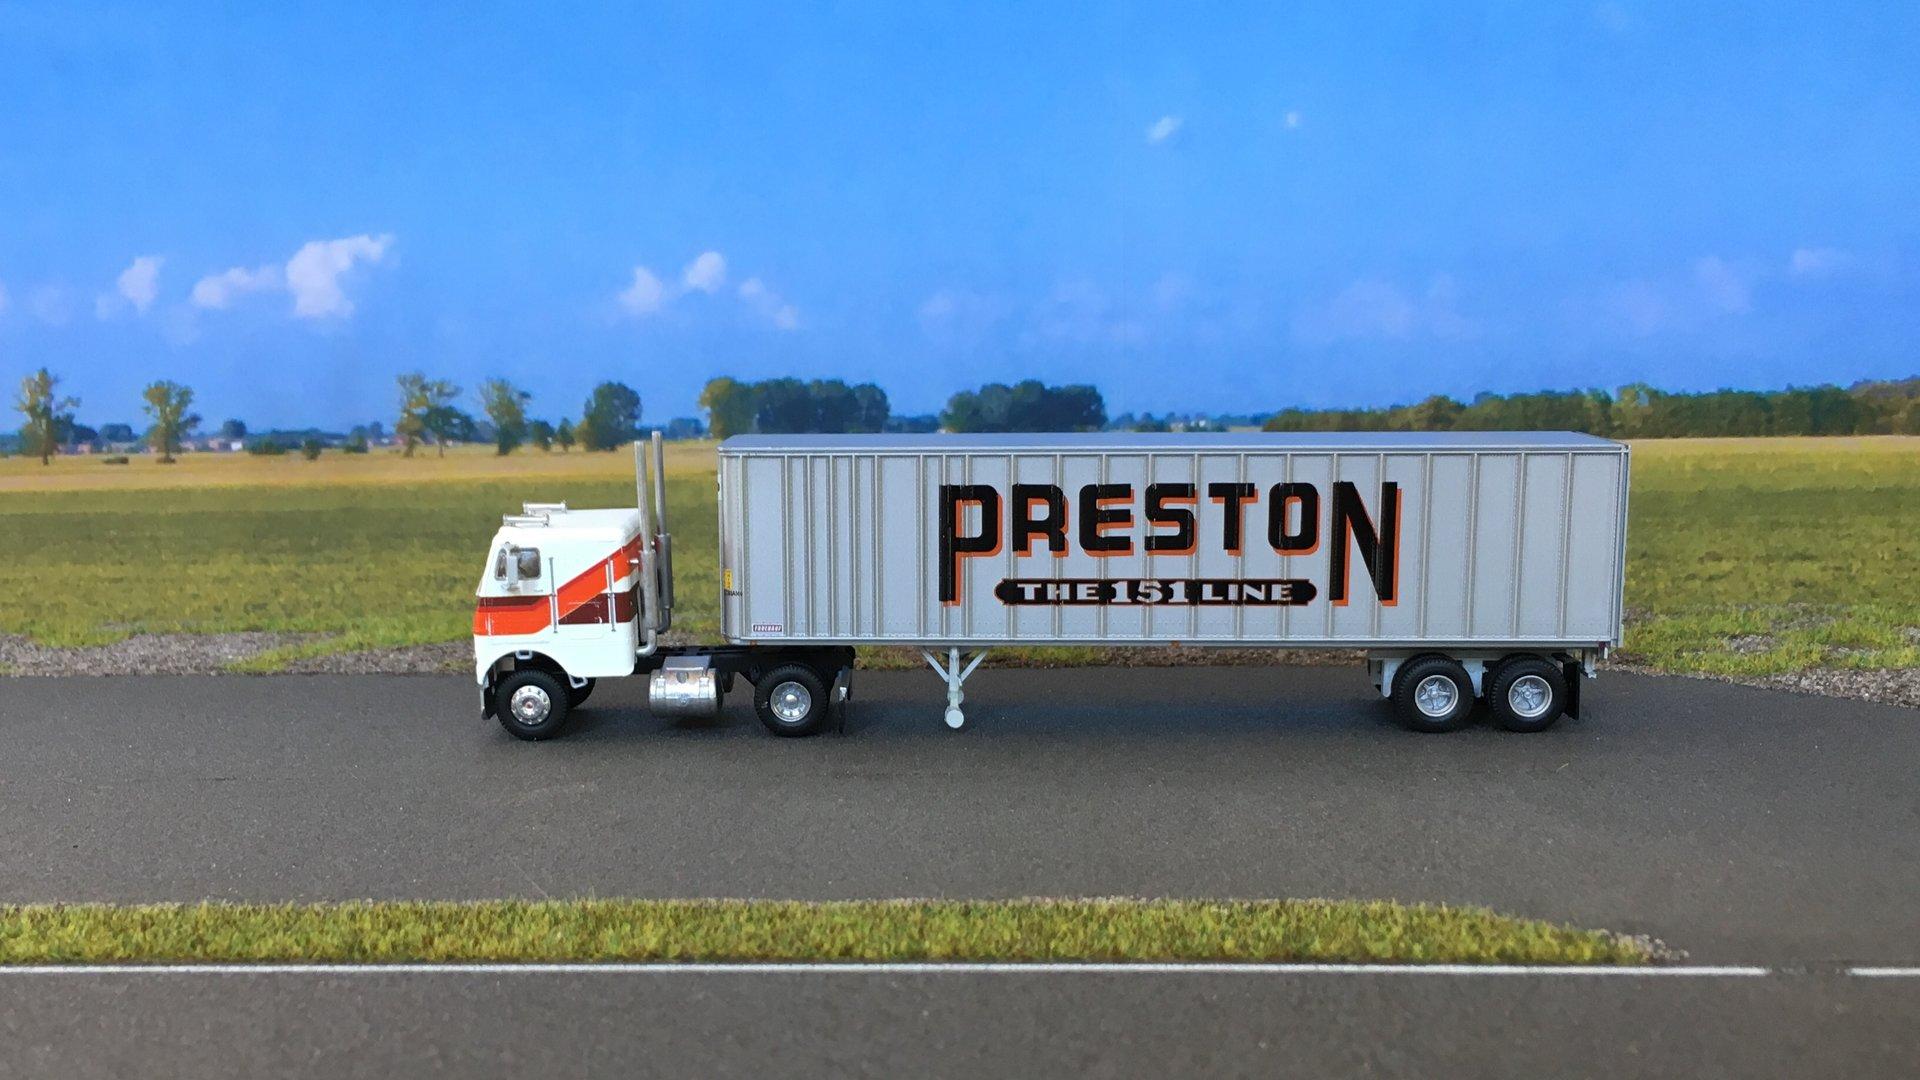 Freightliner Preston 01.jpg